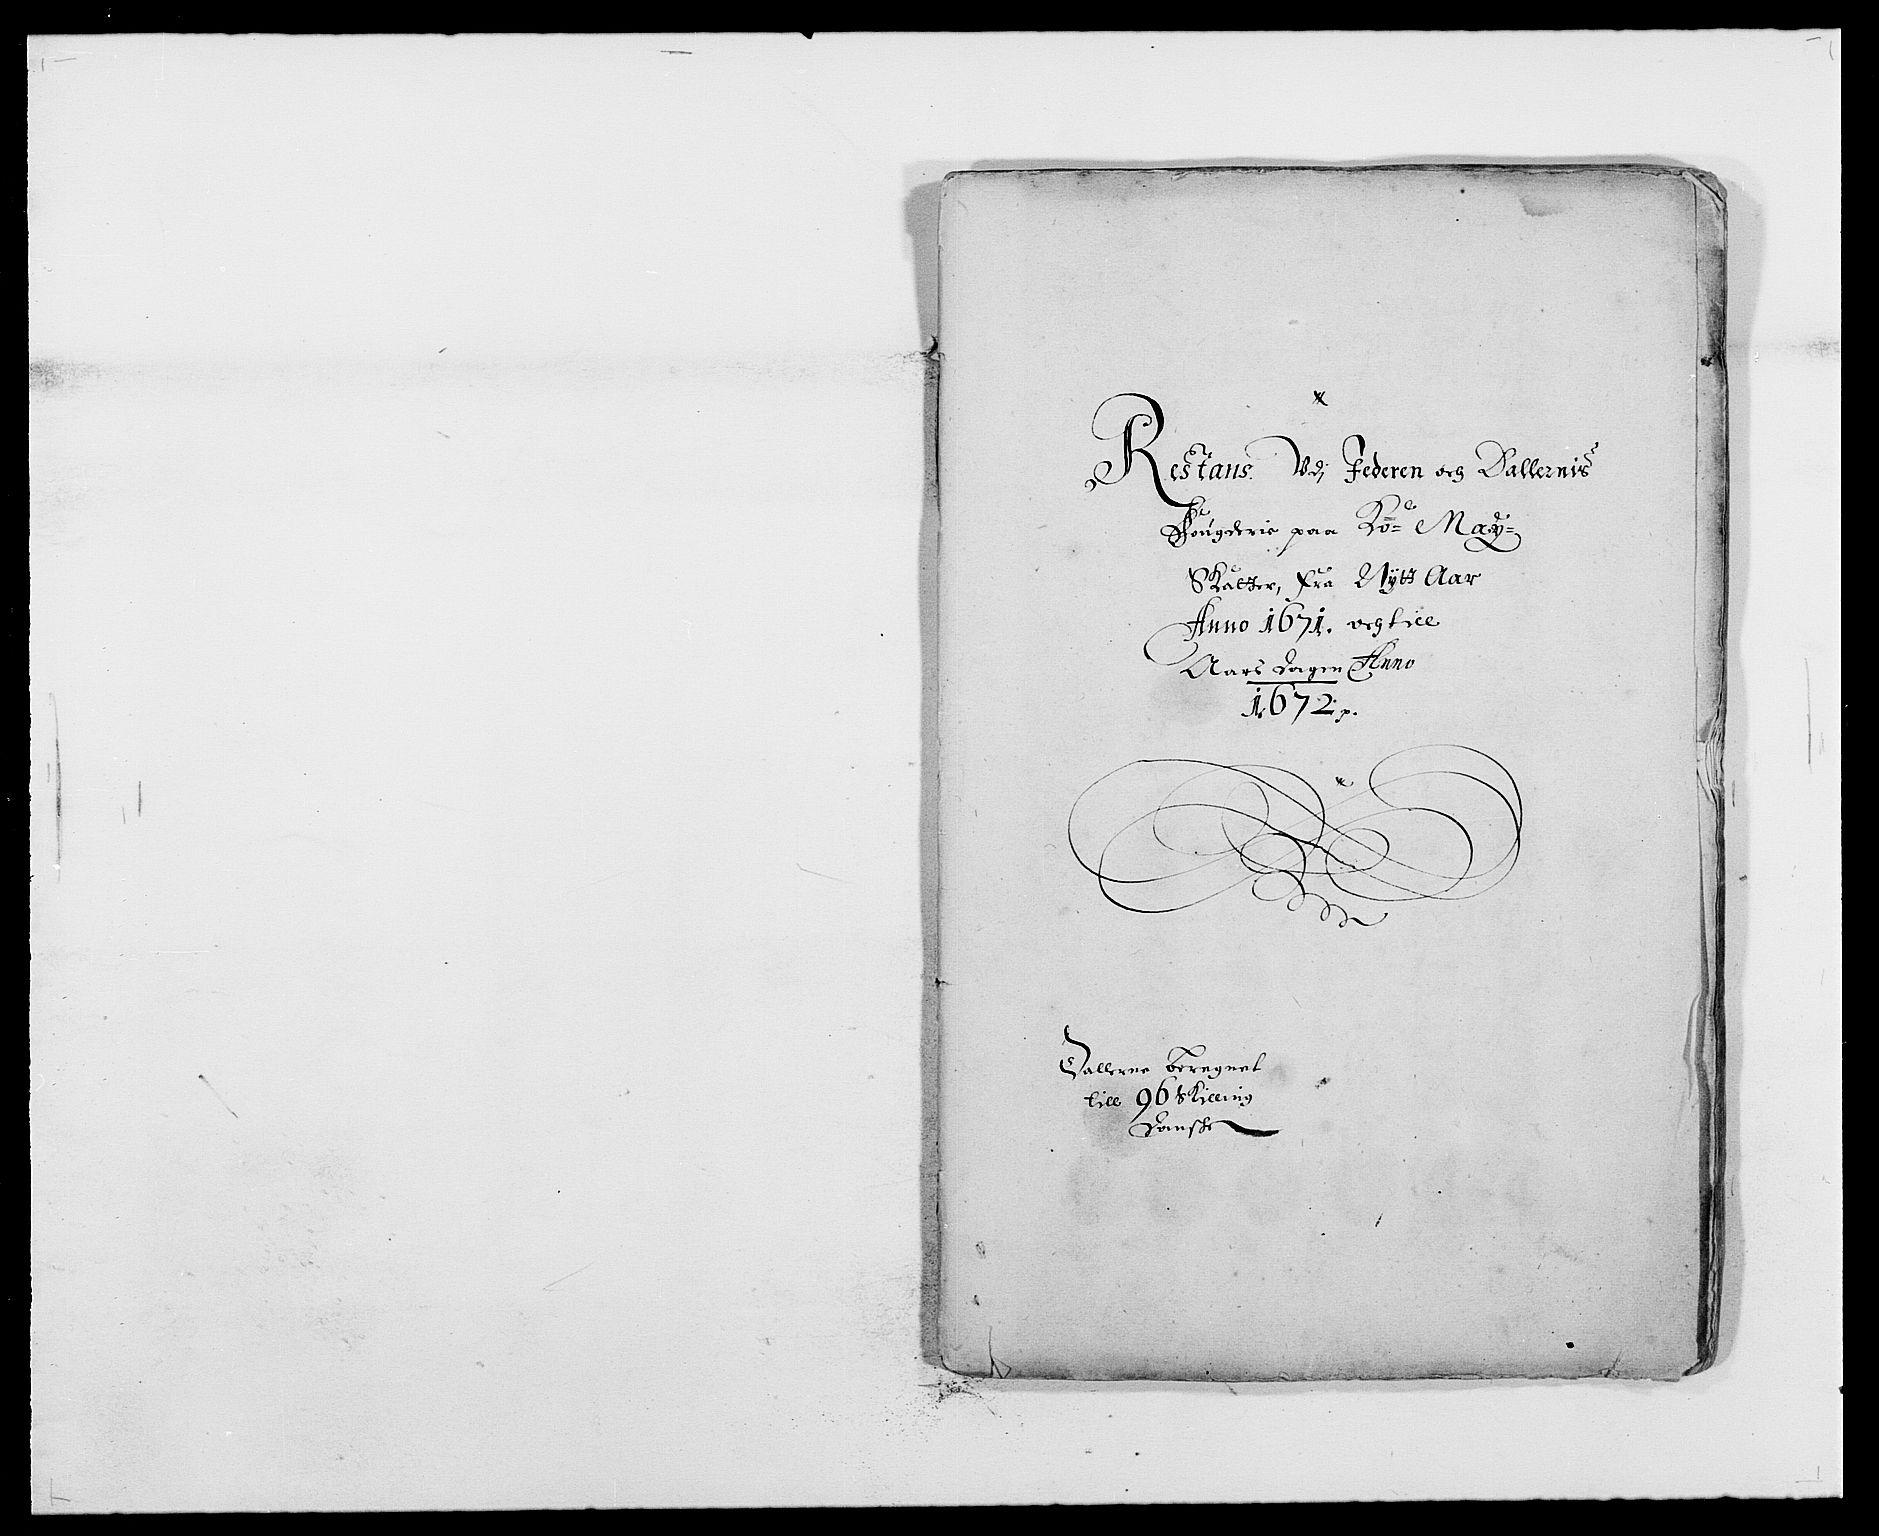 RA, Rentekammeret inntil 1814, Reviderte regnskaper, Fogderegnskap, R46/L2713: Fogderegnskap Jæren og Dalane, 1671-1672, s. 166